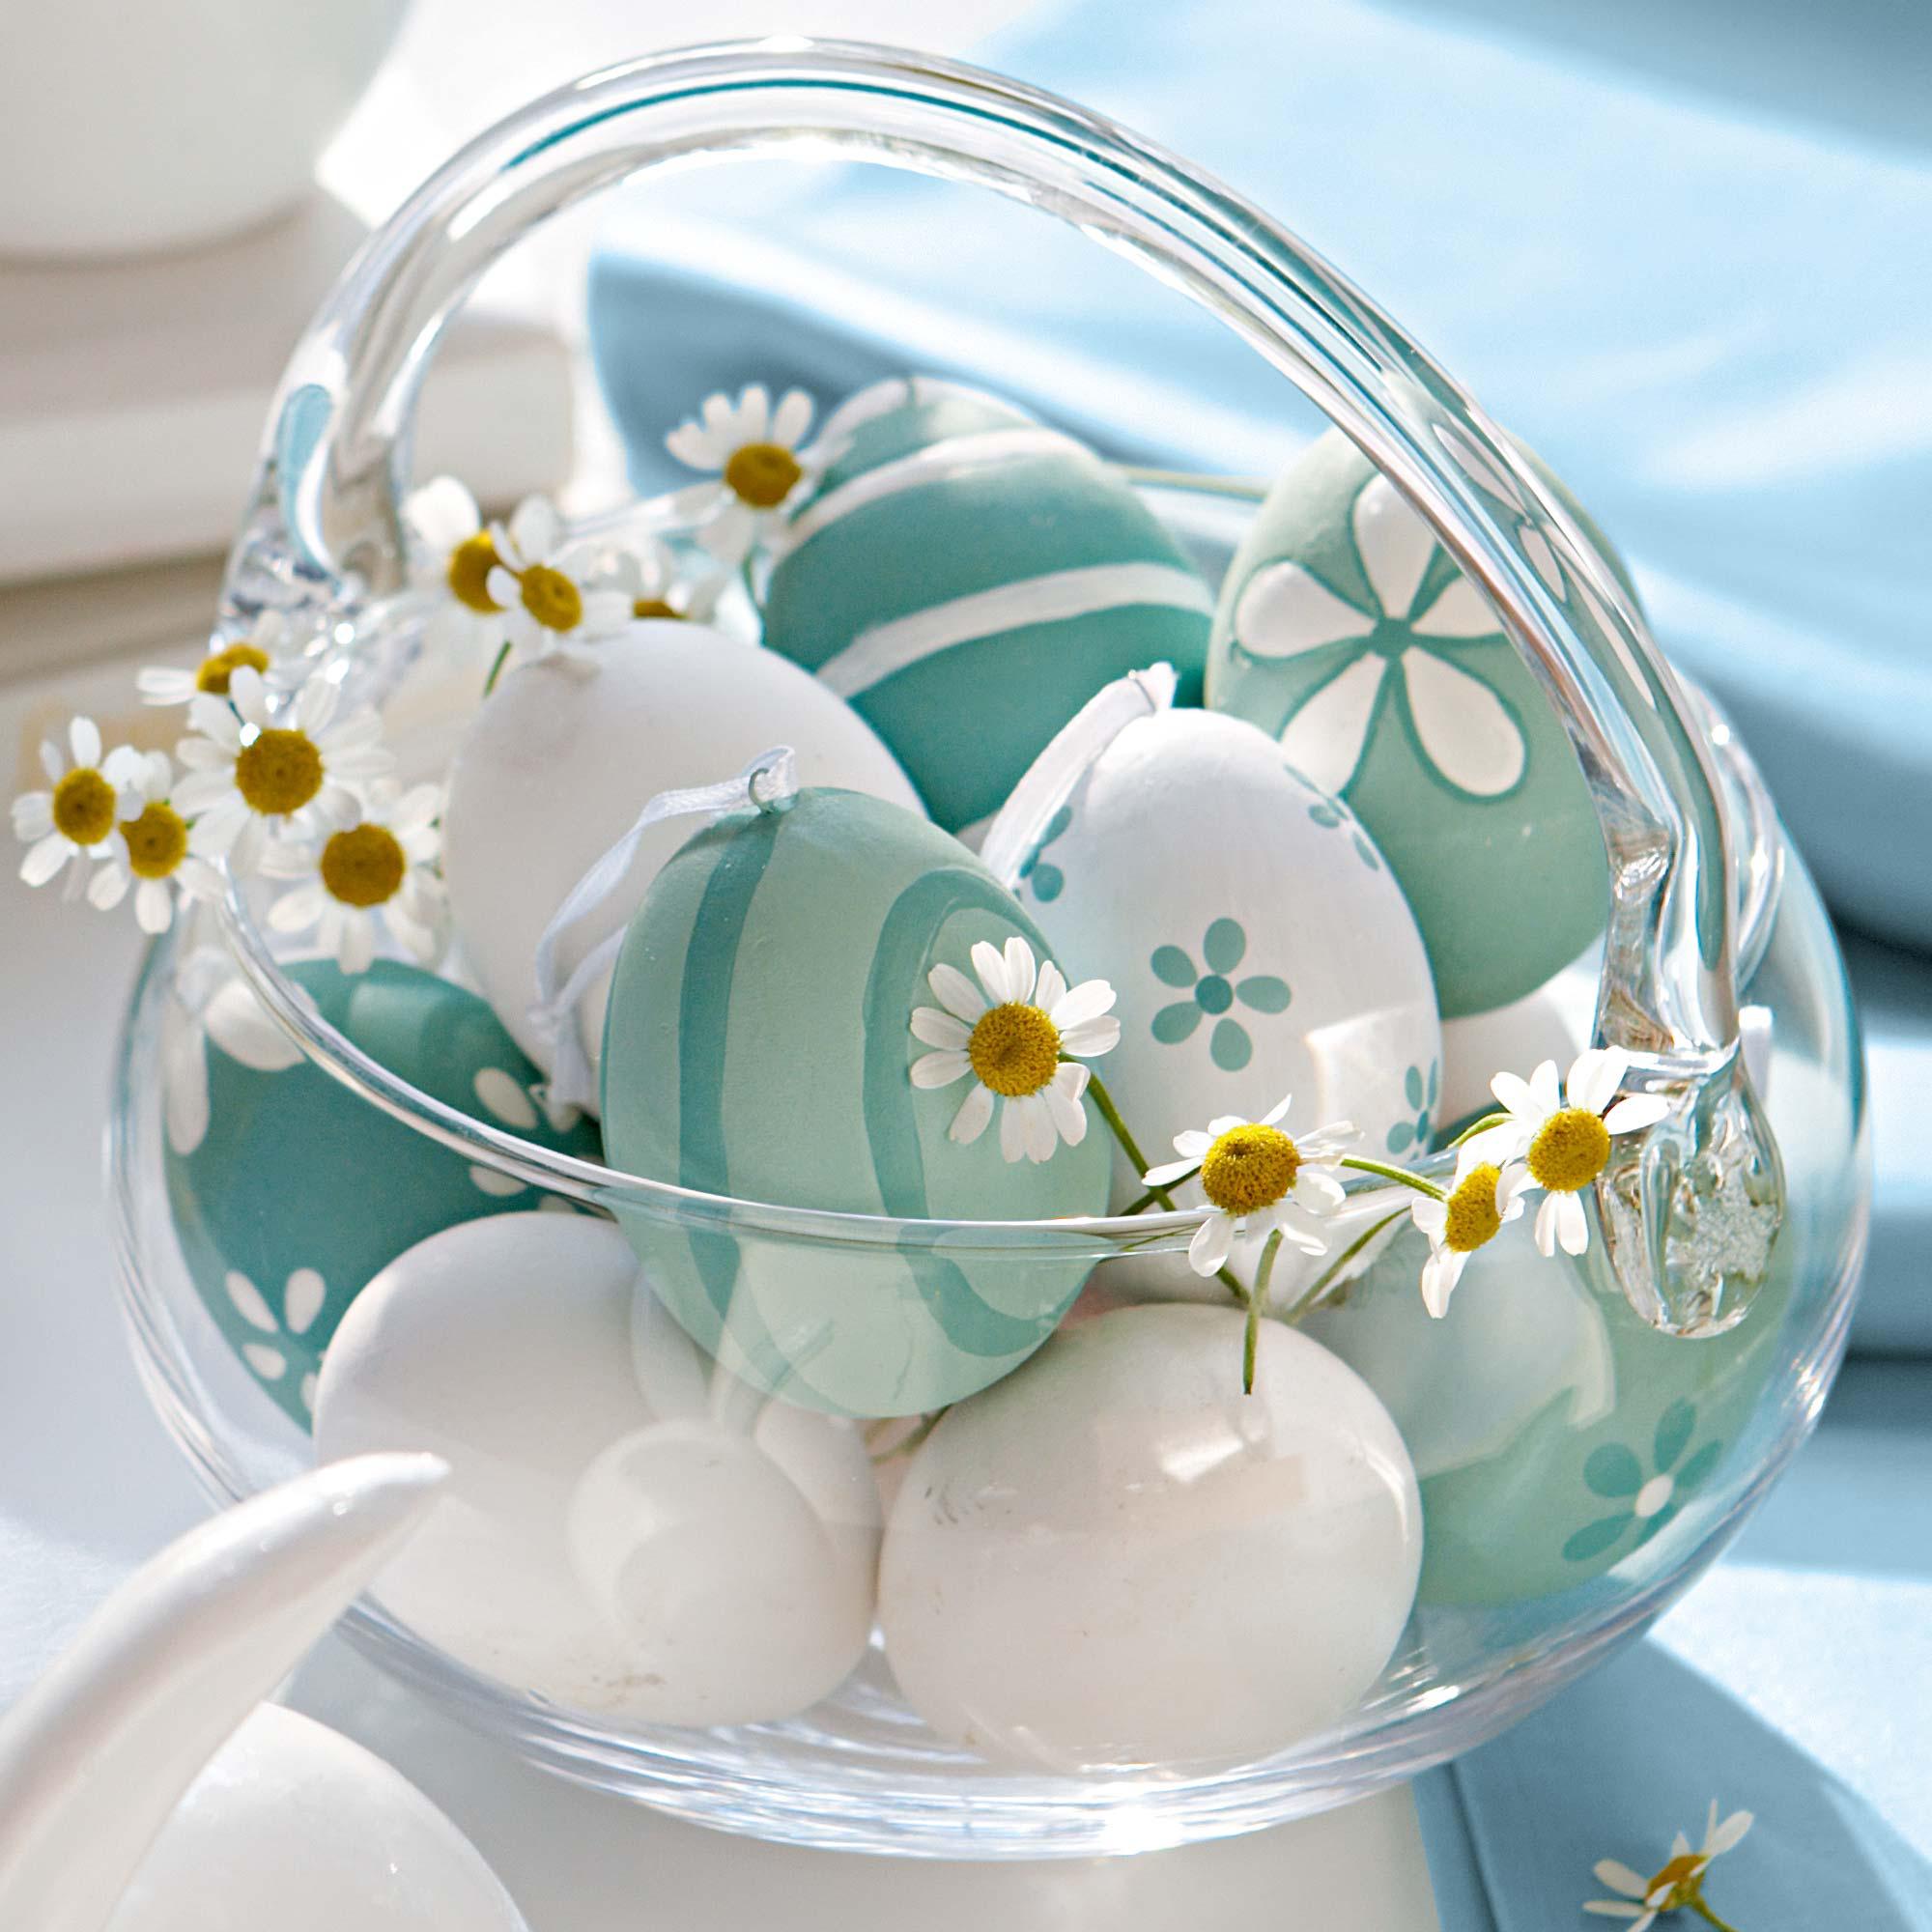 Inspiráló húsvéti dekoráció a tavasz fényében37